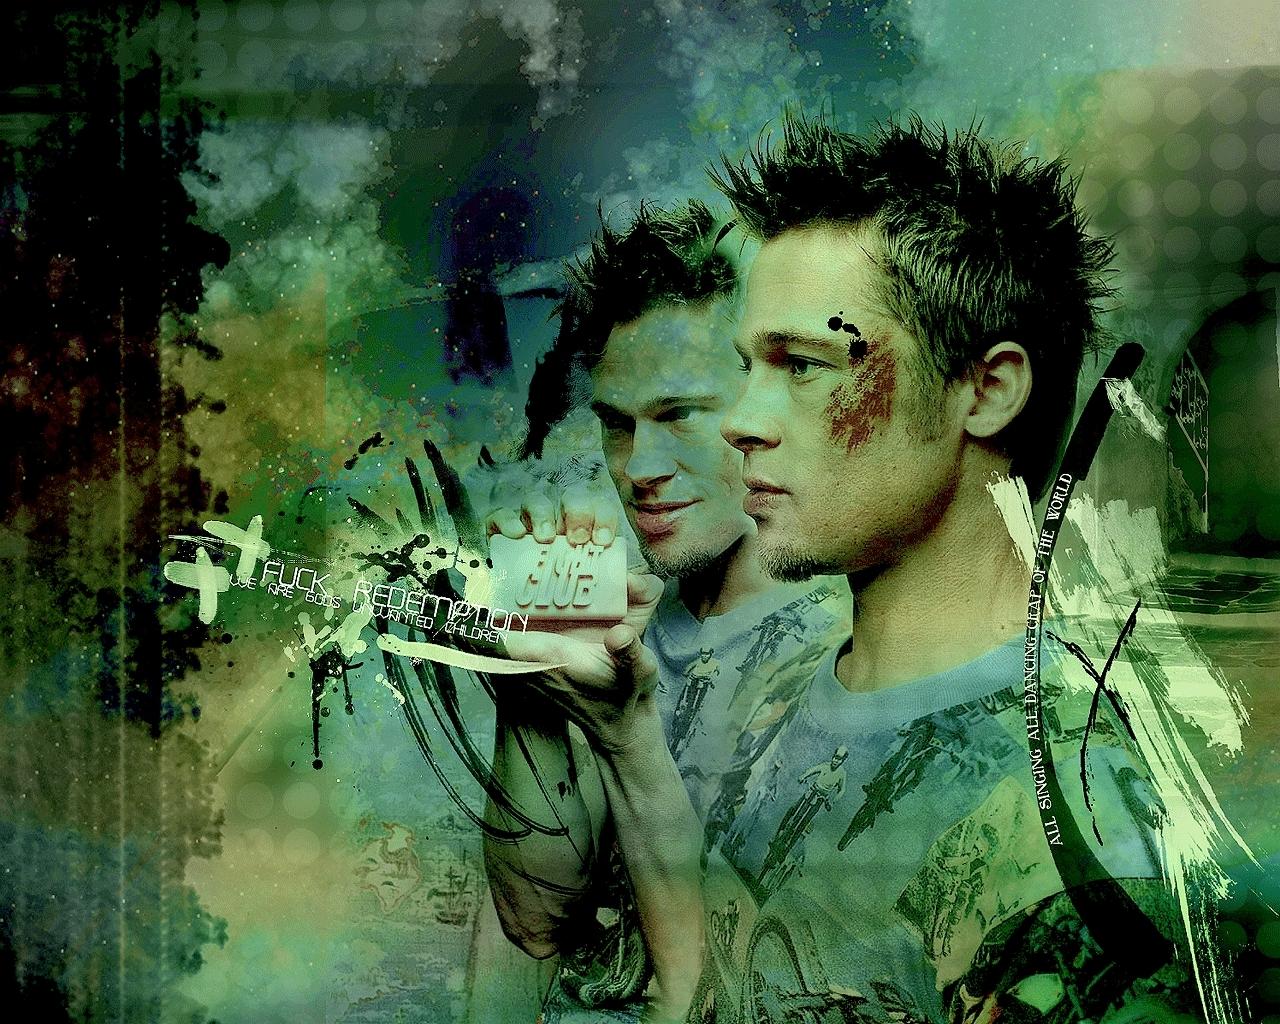 http://1.bp.blogspot.com/-bU32zs24Ex8/TeJWqj7af0I/AAAAAAAAA6g/eXtF6qqb8d0/s1600/Brad+Pitt+Fight+Club+Wallpaper+6.jpg